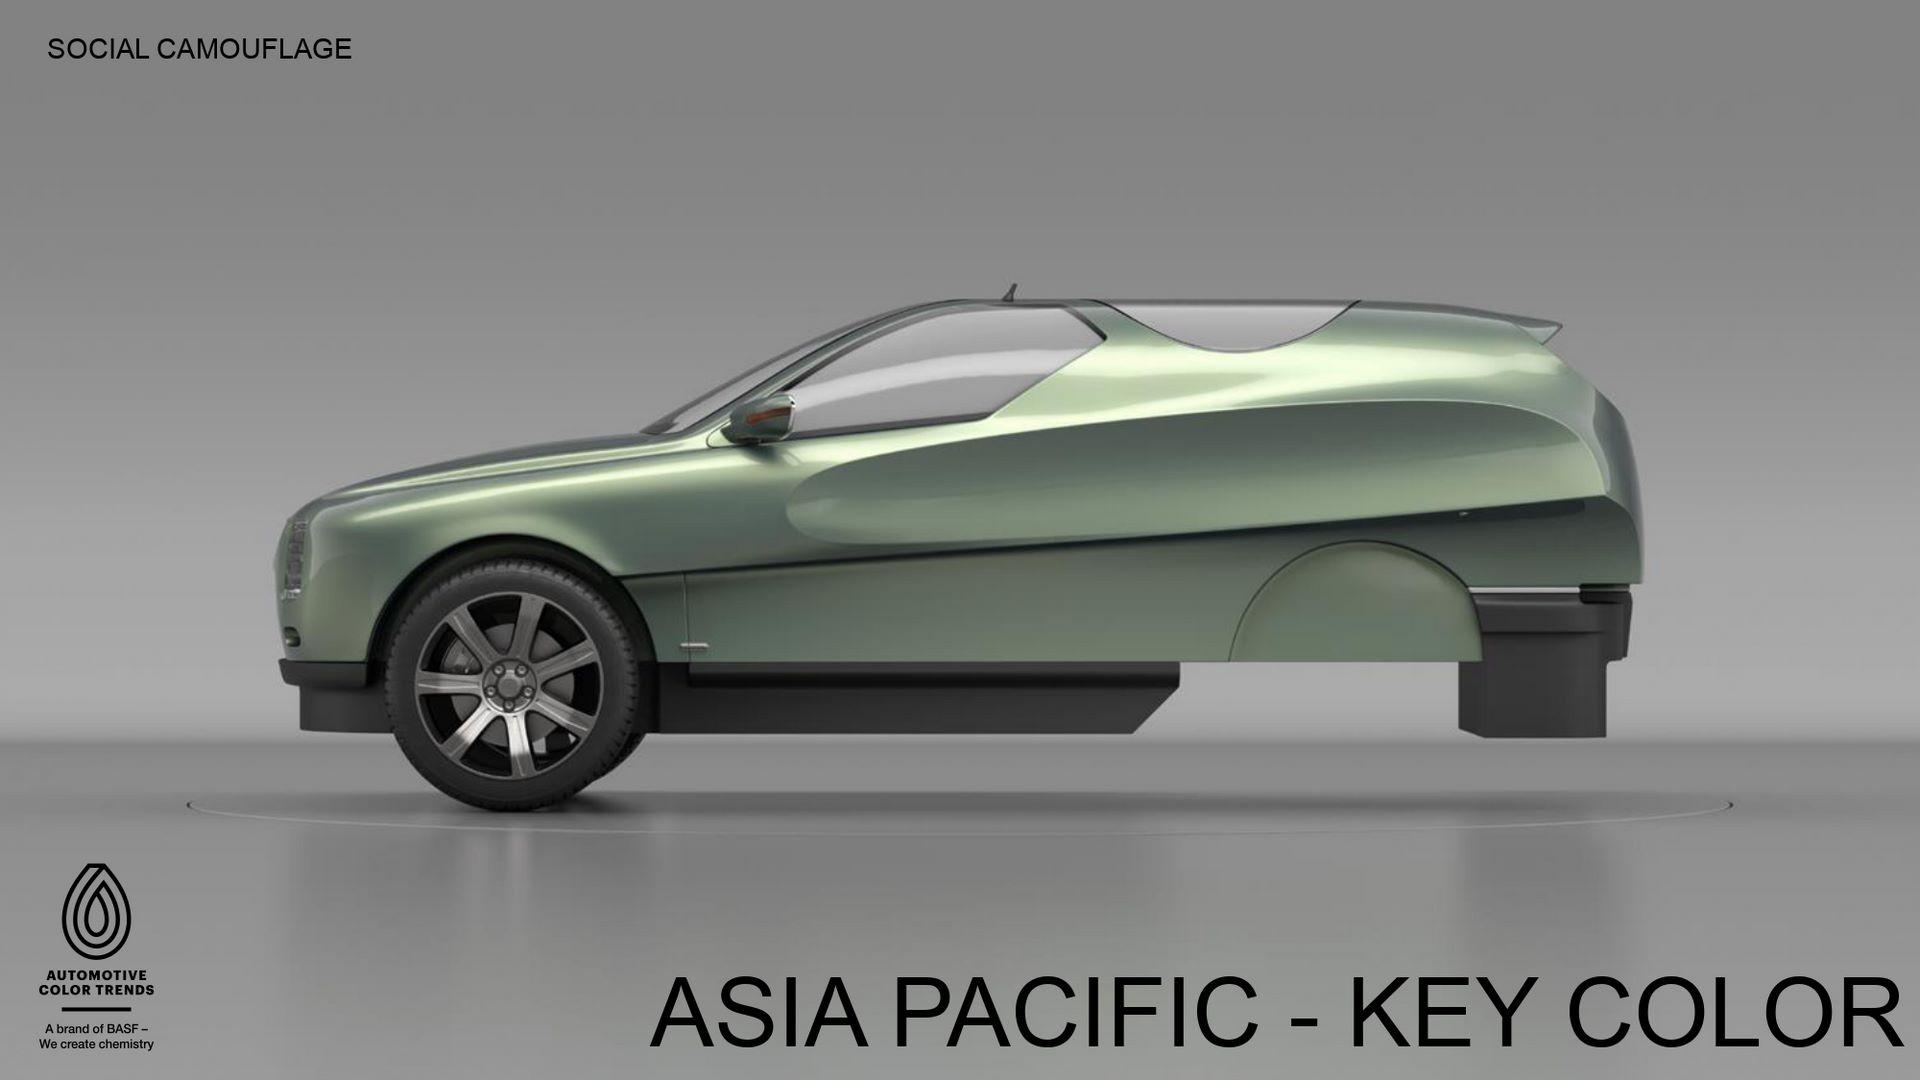 BASF-Automotive-Color-Trends-2020-2021-12